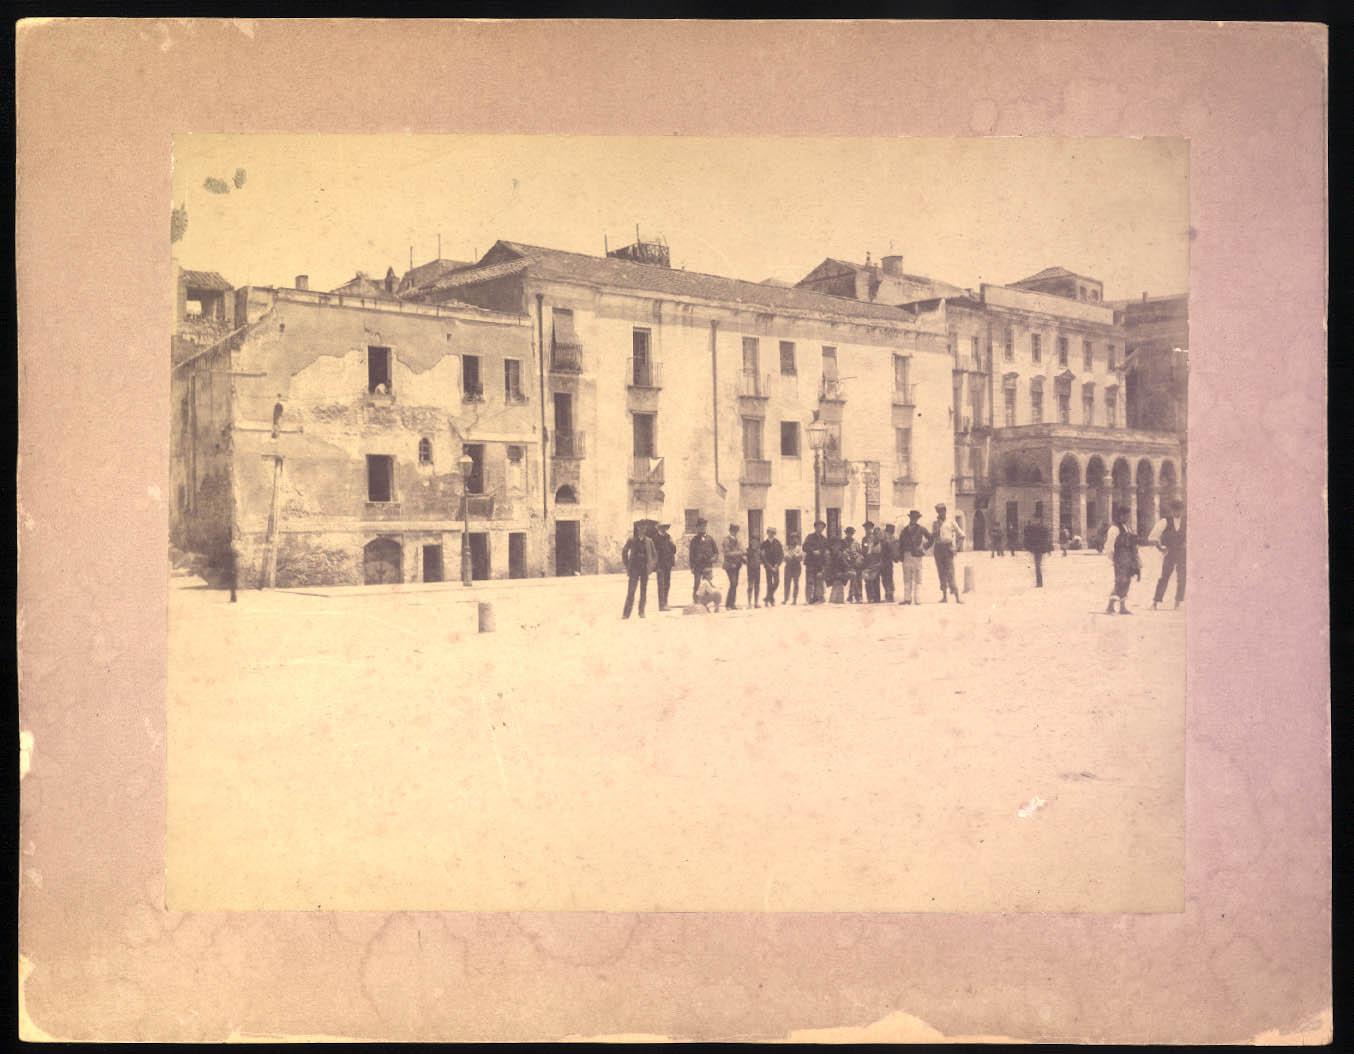 Archivio Comunale - 1880 - Topografia_jpg_foto 0003